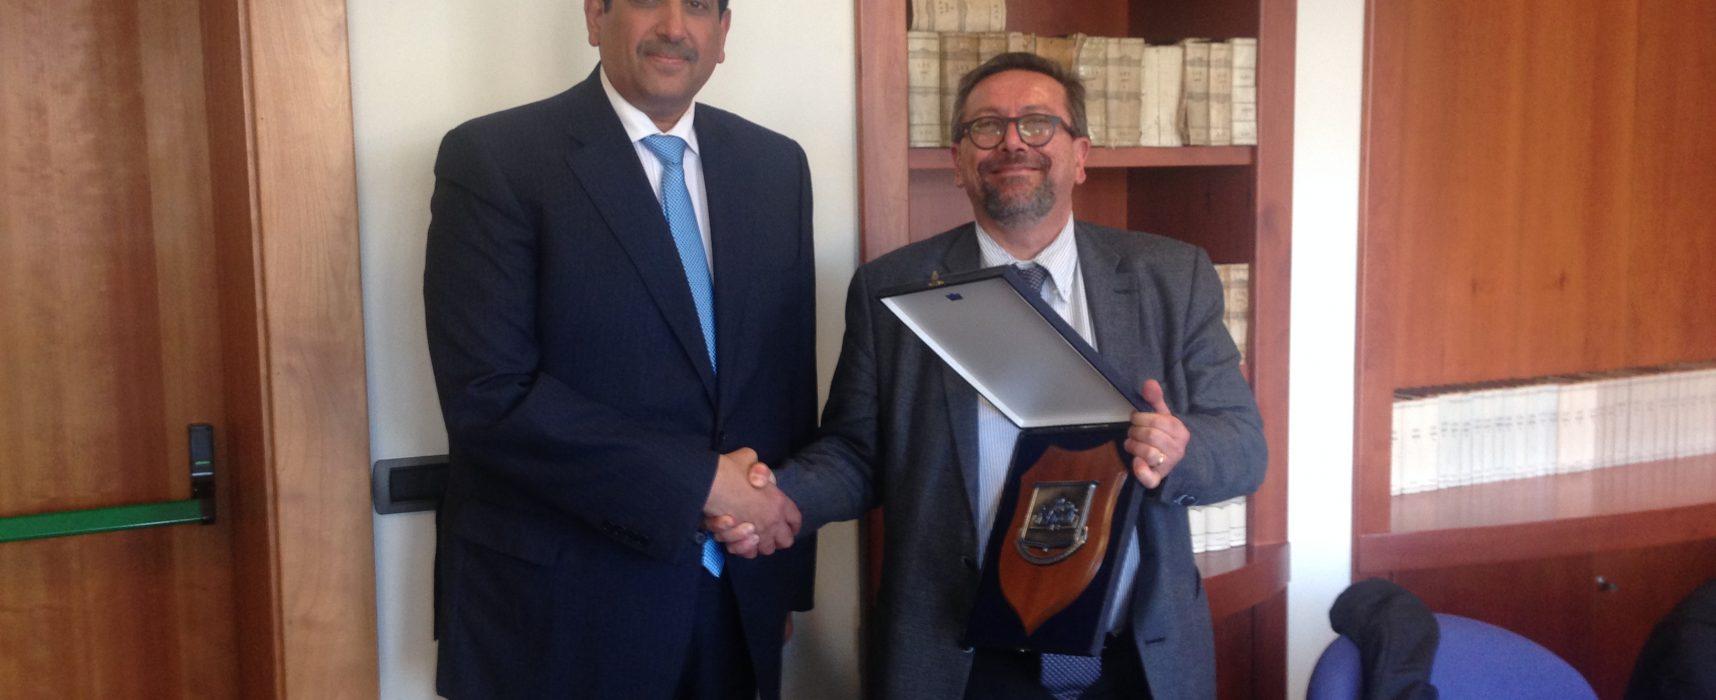 Ambasciatore Qatar in visita nel porto